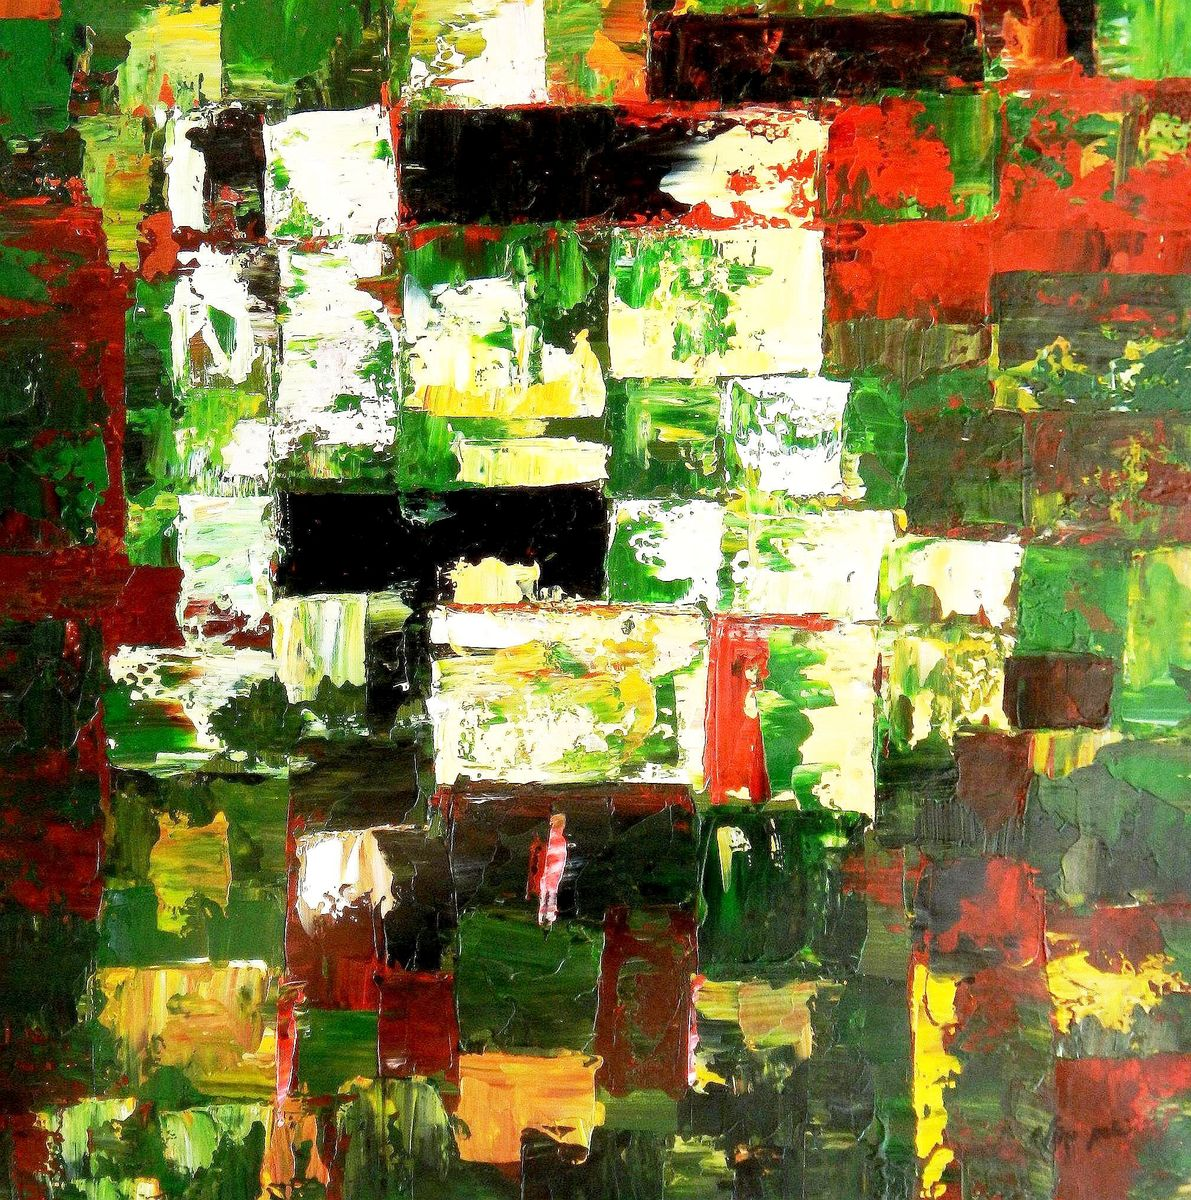 Abstrakt - Berlin Tiergarten g96174 80x80cm abstraktes Ölbild handgemalt